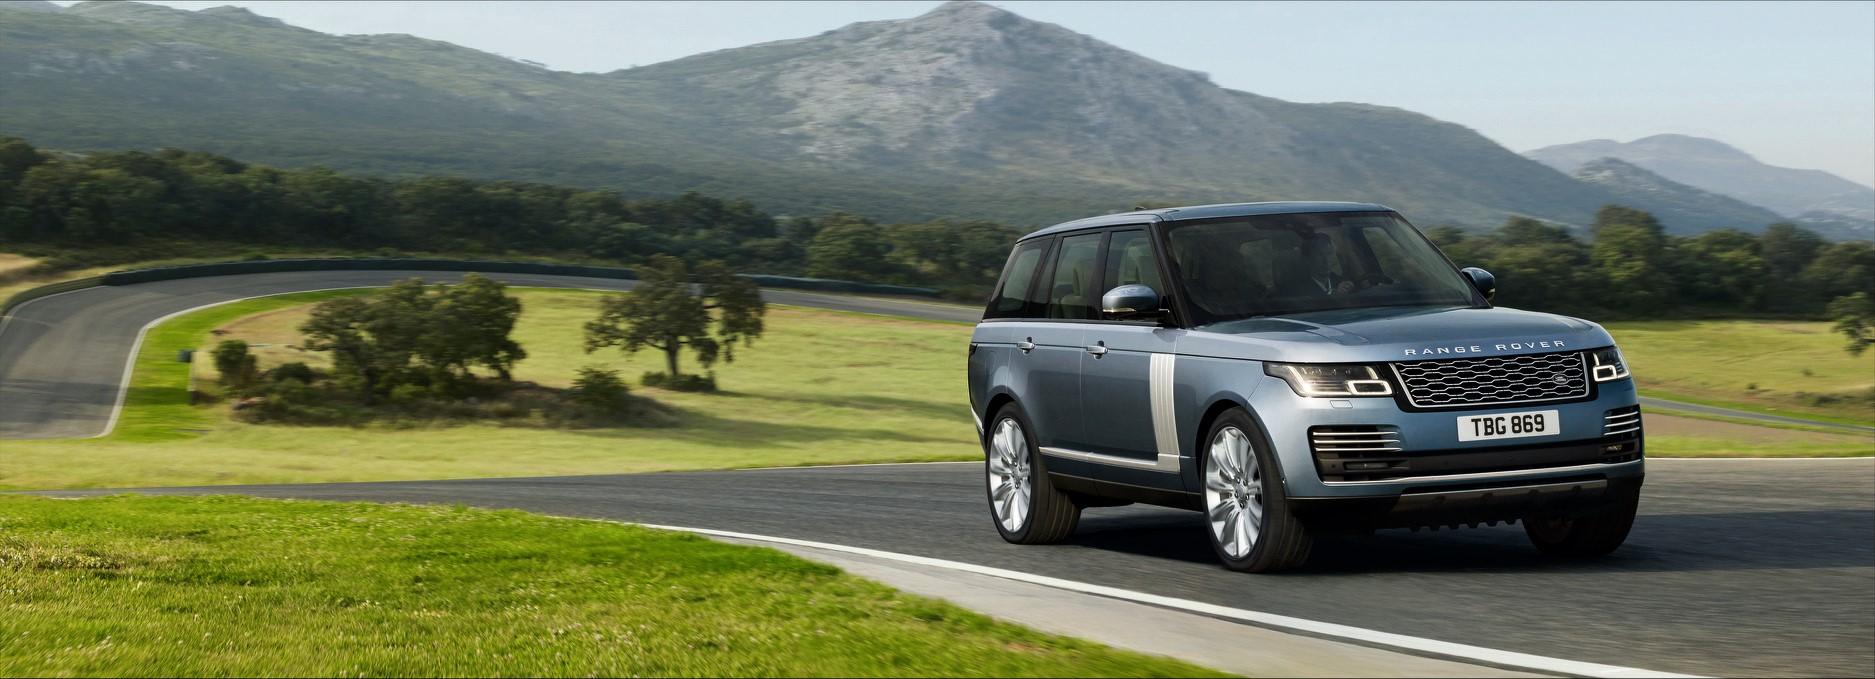 Land Rover Range Rover。